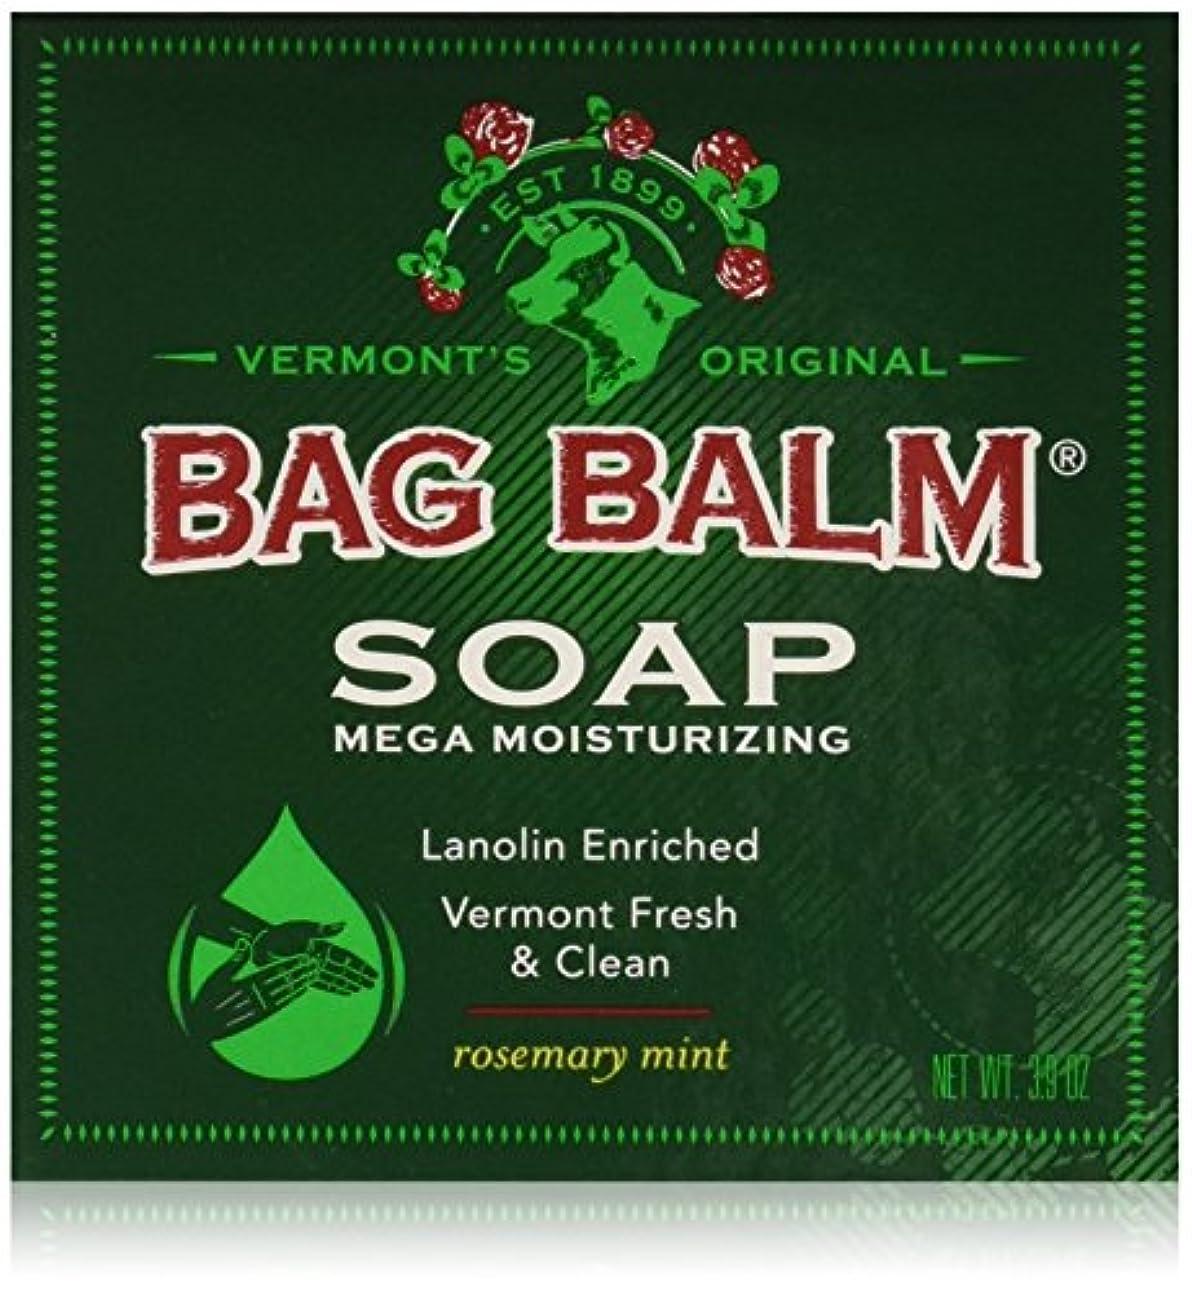 化粧中毒どんよりしたバッグバームの新作 メガモイスチャライジングソープ 3.9オンス 乾燥したお肌にモイスチャライズ石鹸